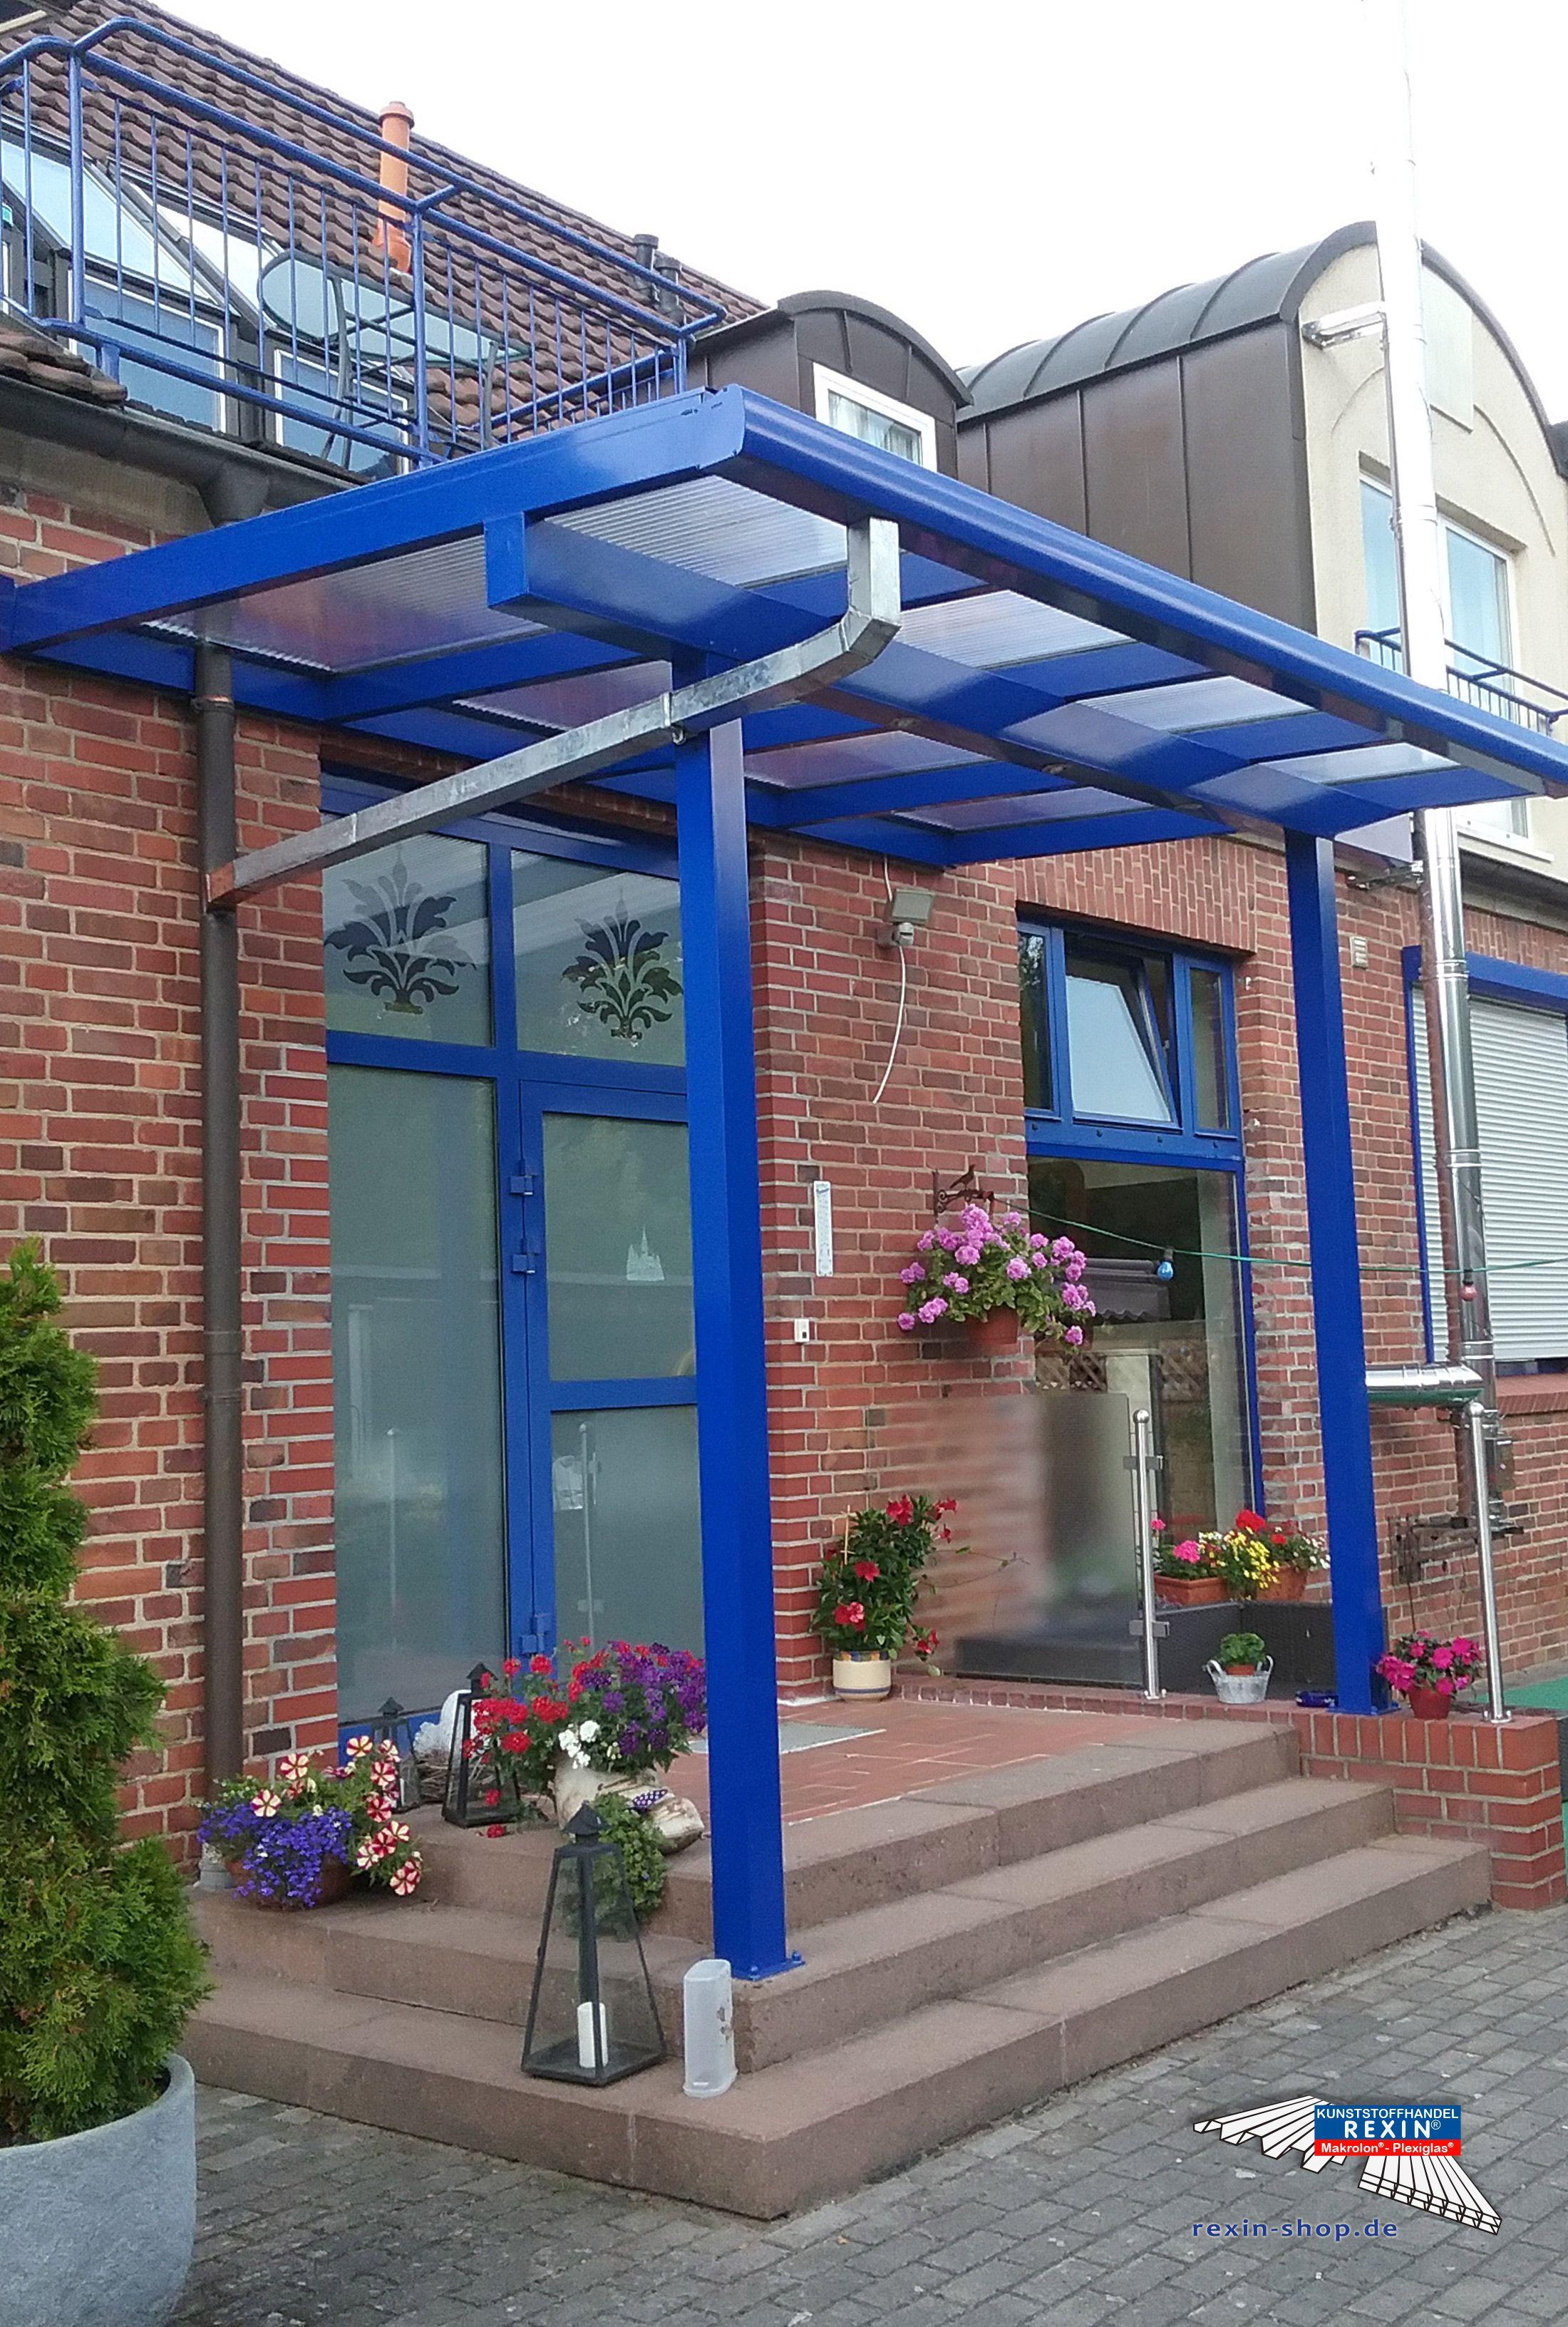 3ba35ce96911011784d0266cf71eab0e Inspiration Sichtschutz Balkon Einseitig Durchsichtig Schema